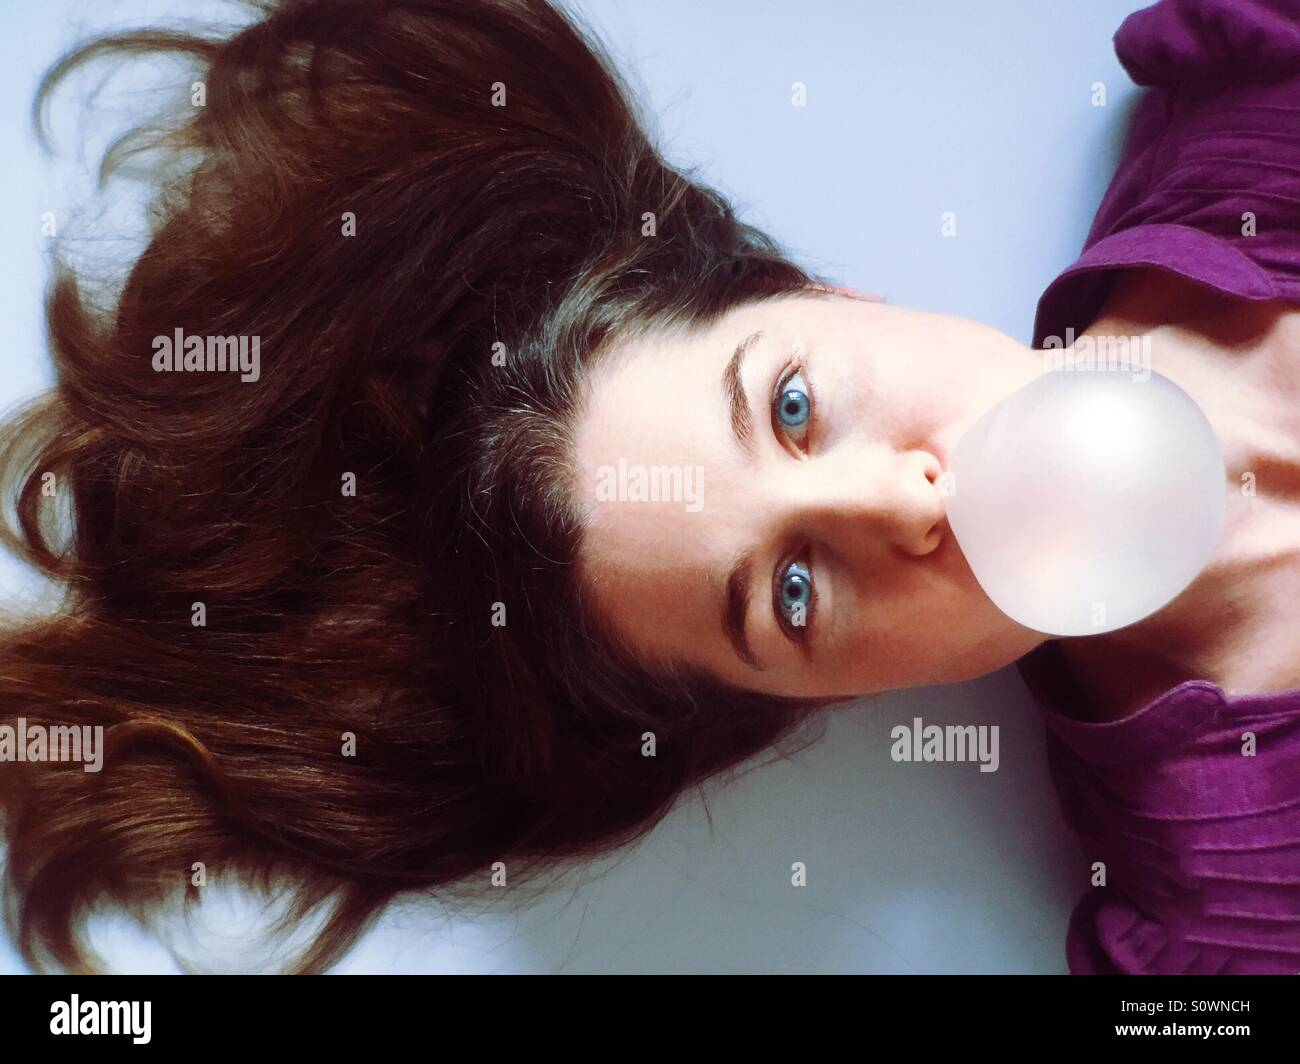 Woman blowing a bubble gum bubble - Stock Image